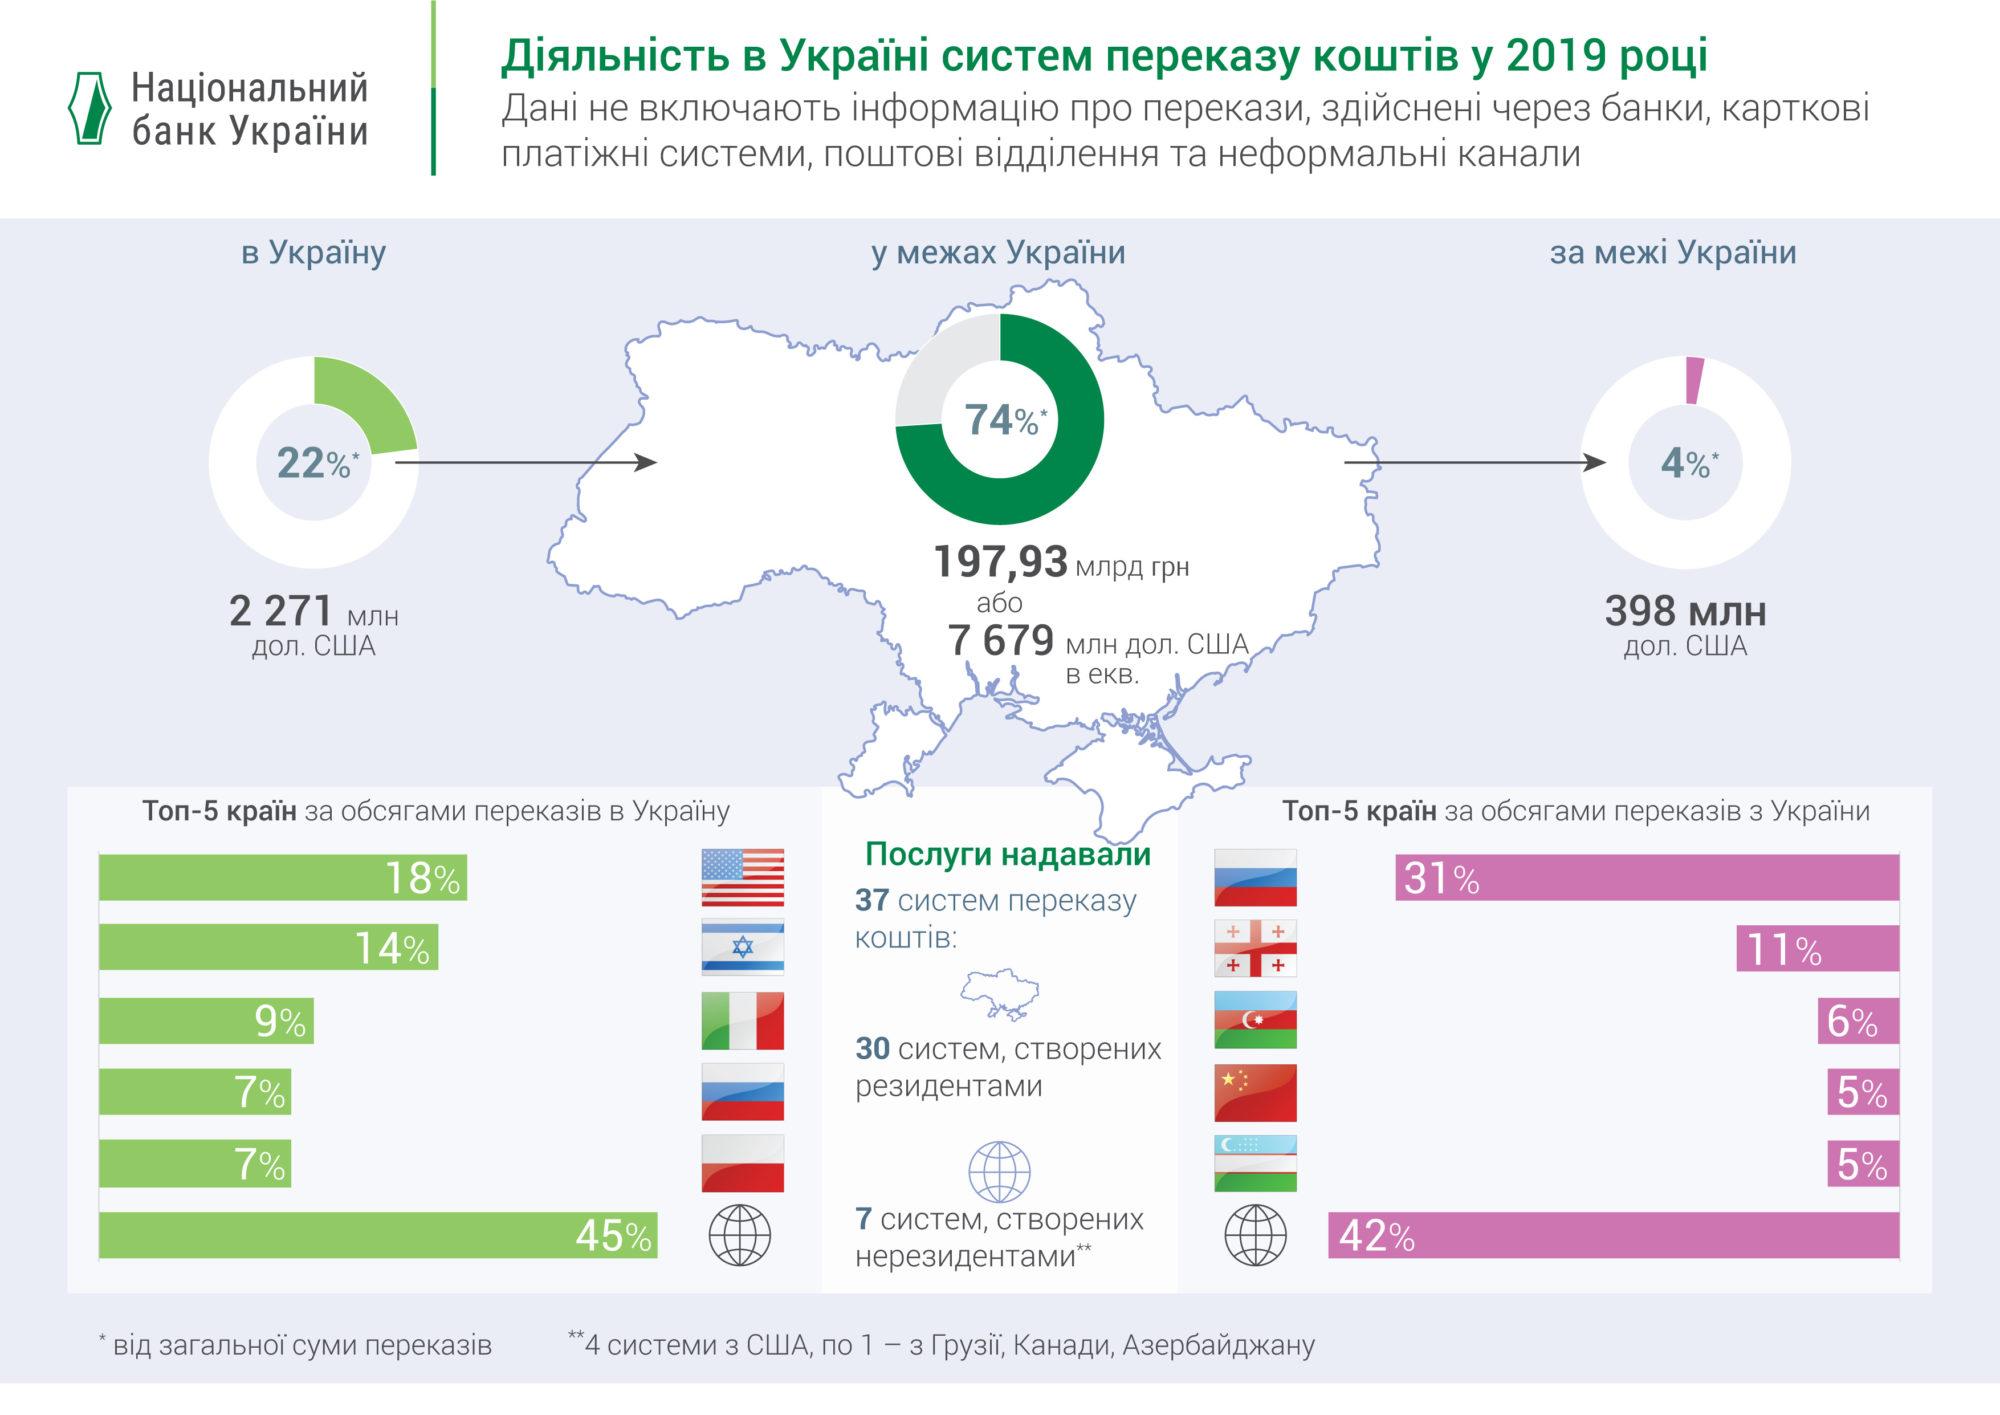 NBU_groshi-2000x1415 В Україну з-за кордону надійшло майже 12 млрд дол. США, з України за рубіж – у 20 разів менше